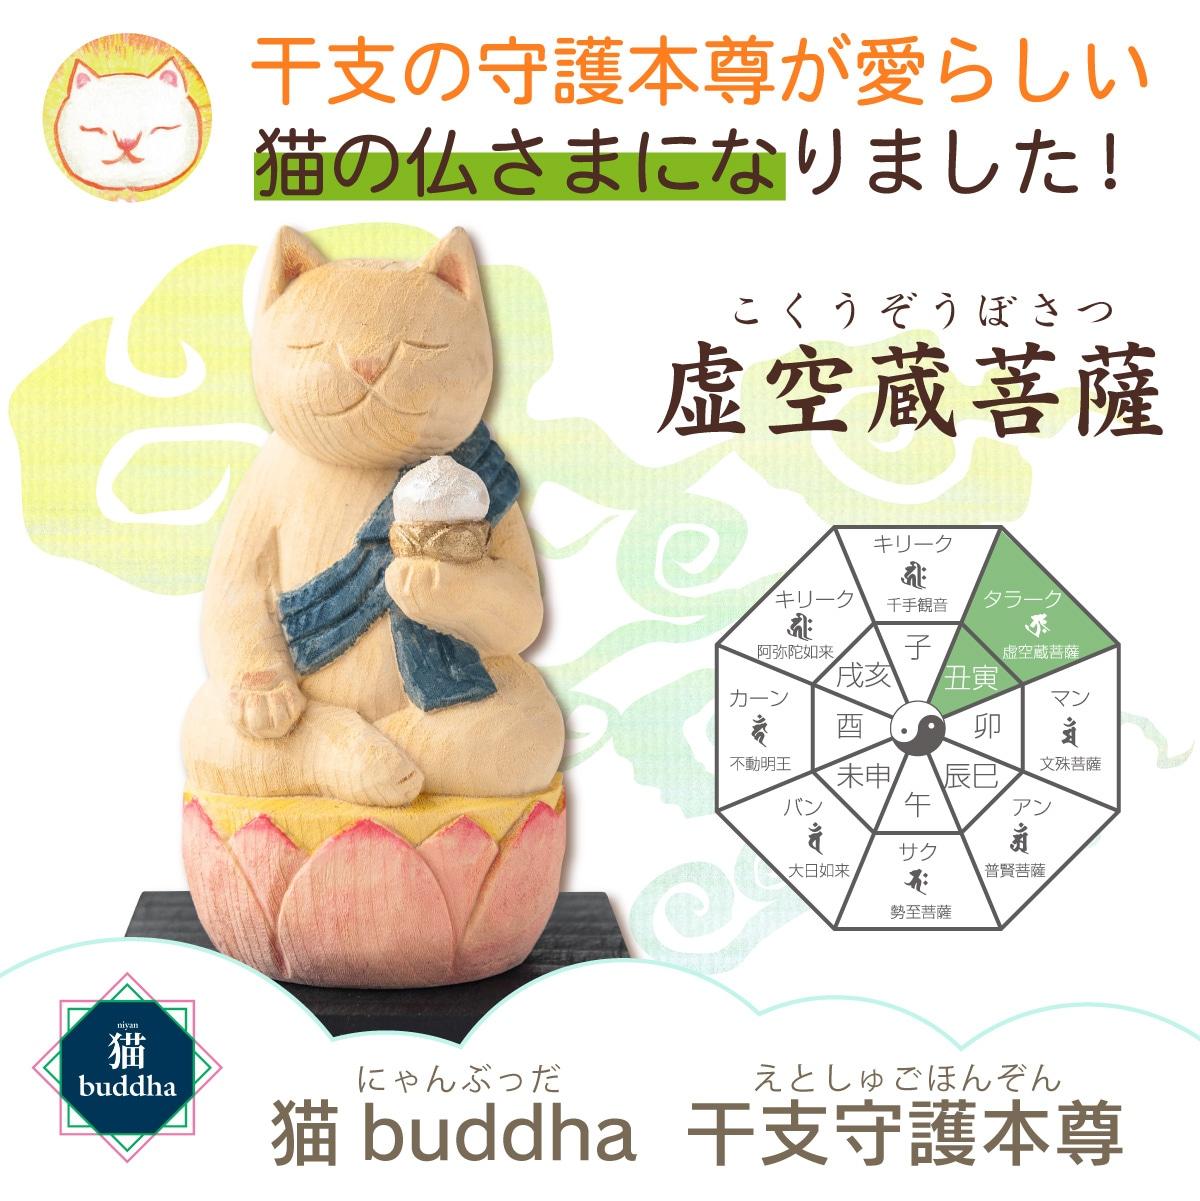 猫buddha 虚空蔵菩薩 開運グッズ